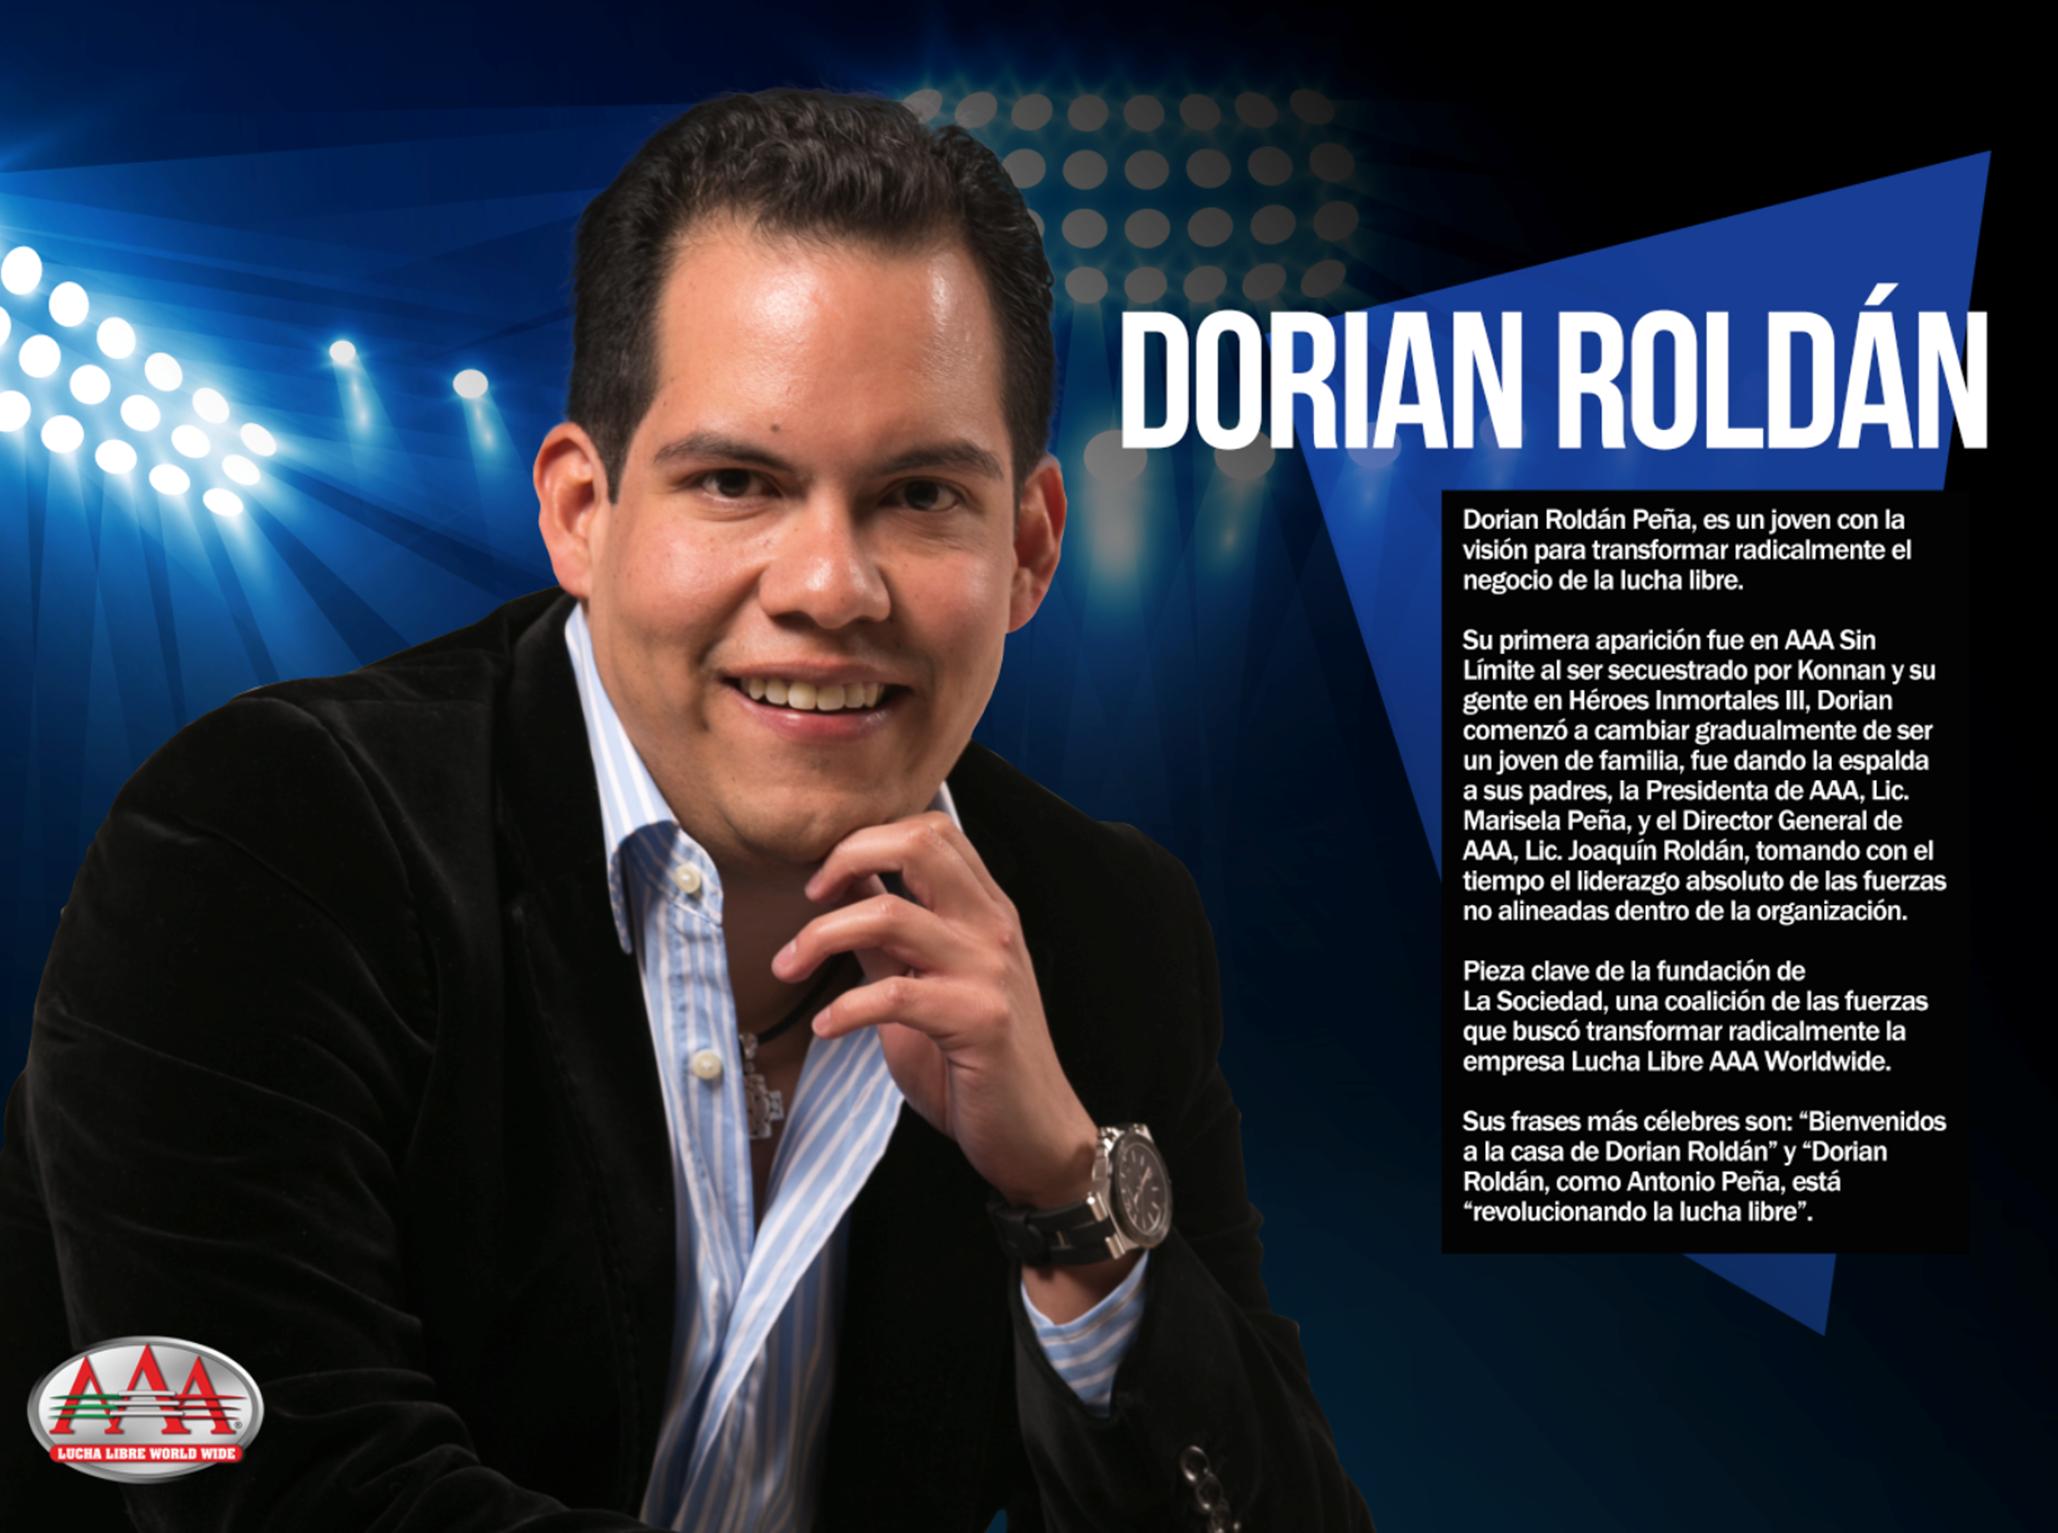 DorianRoldan.png